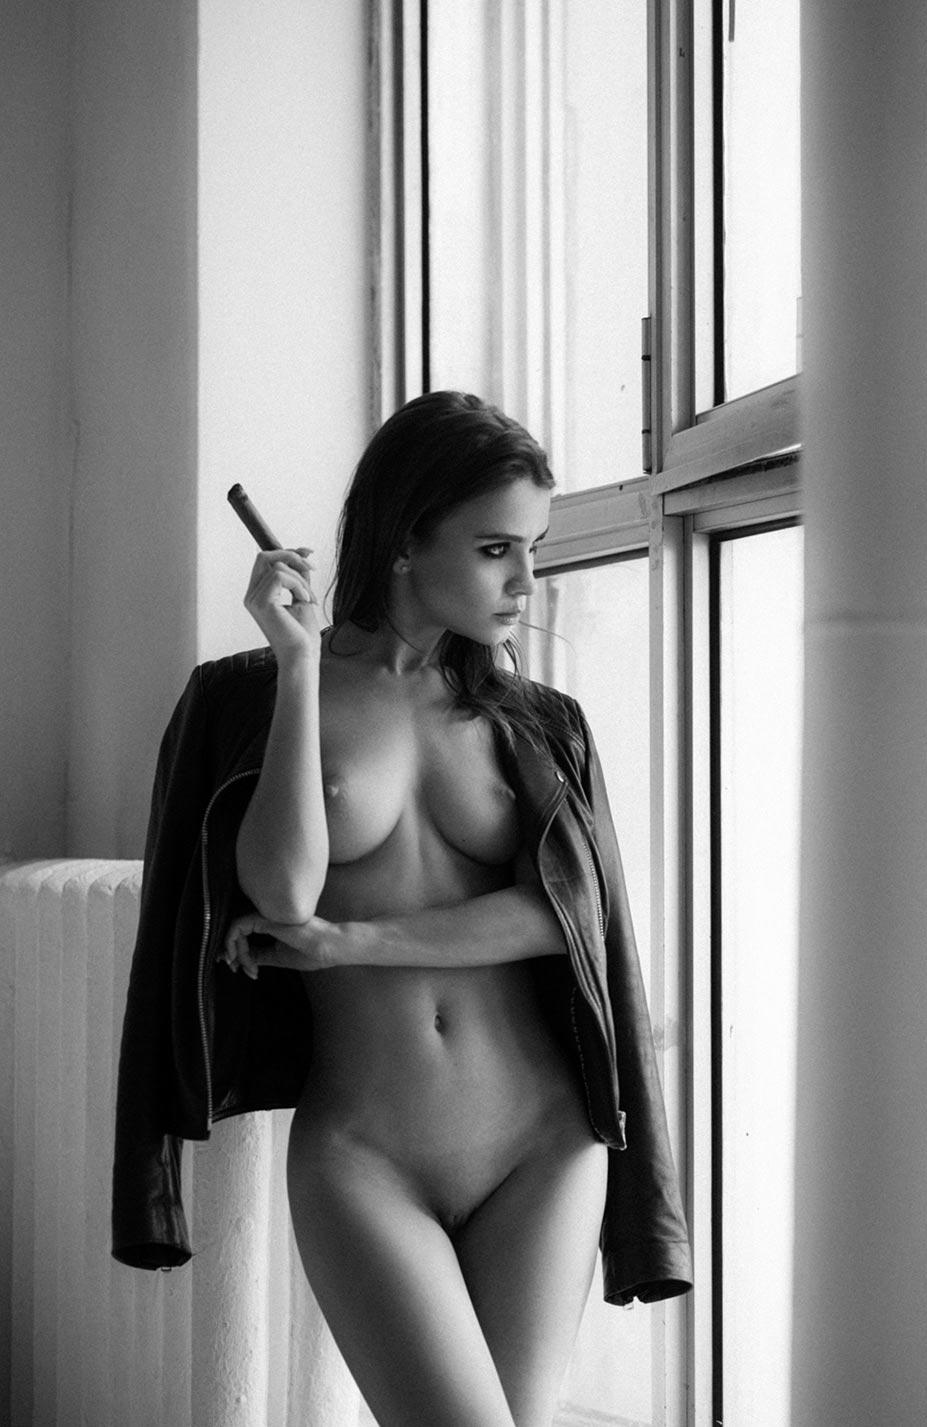 Кристина Макарова экспериментирует со стремянкой / фото 09